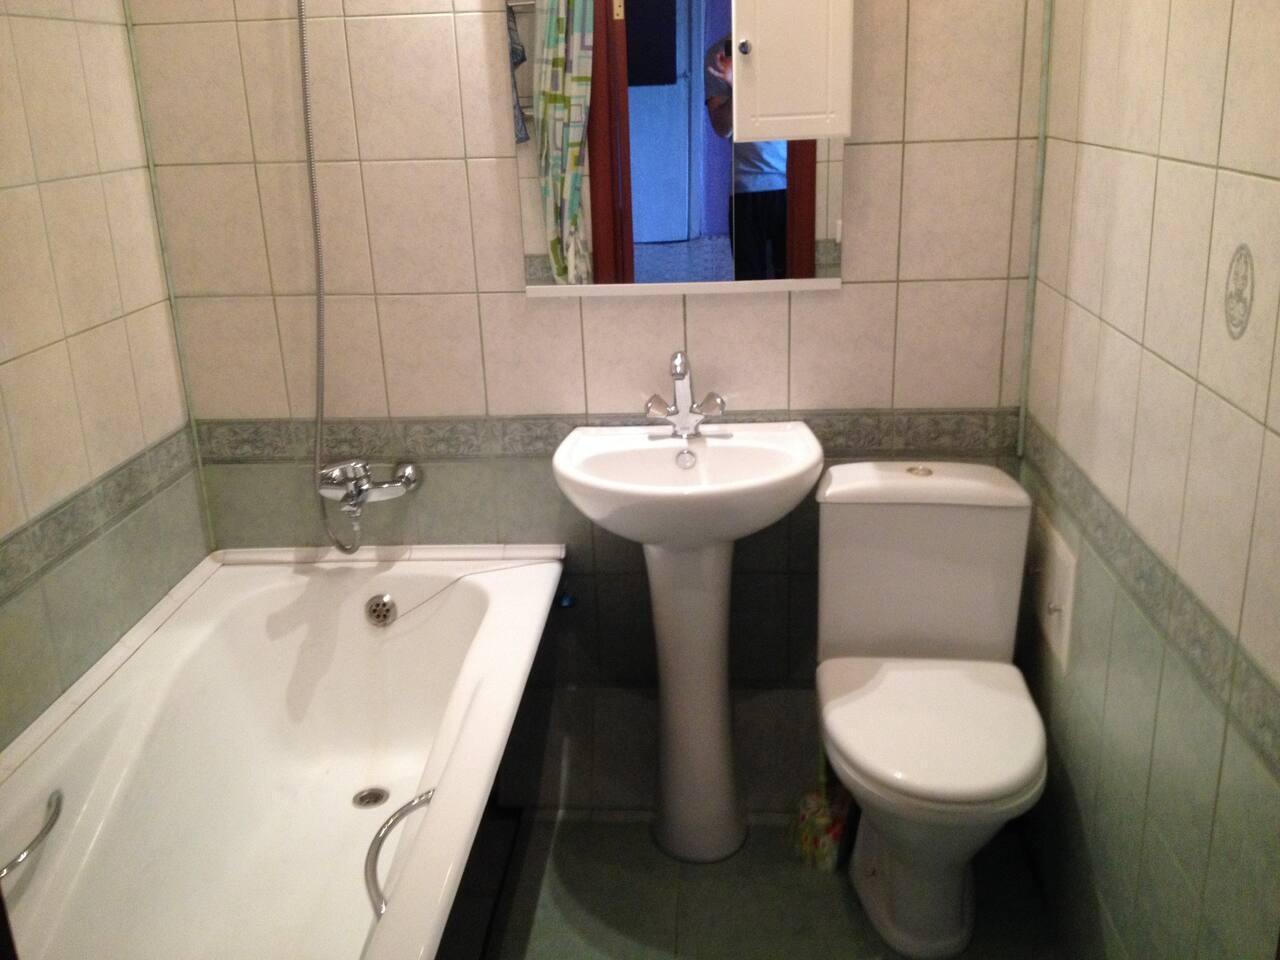 Квартира, 1 комната, 38 м² в Долгопрудном 89164047250 купить 5